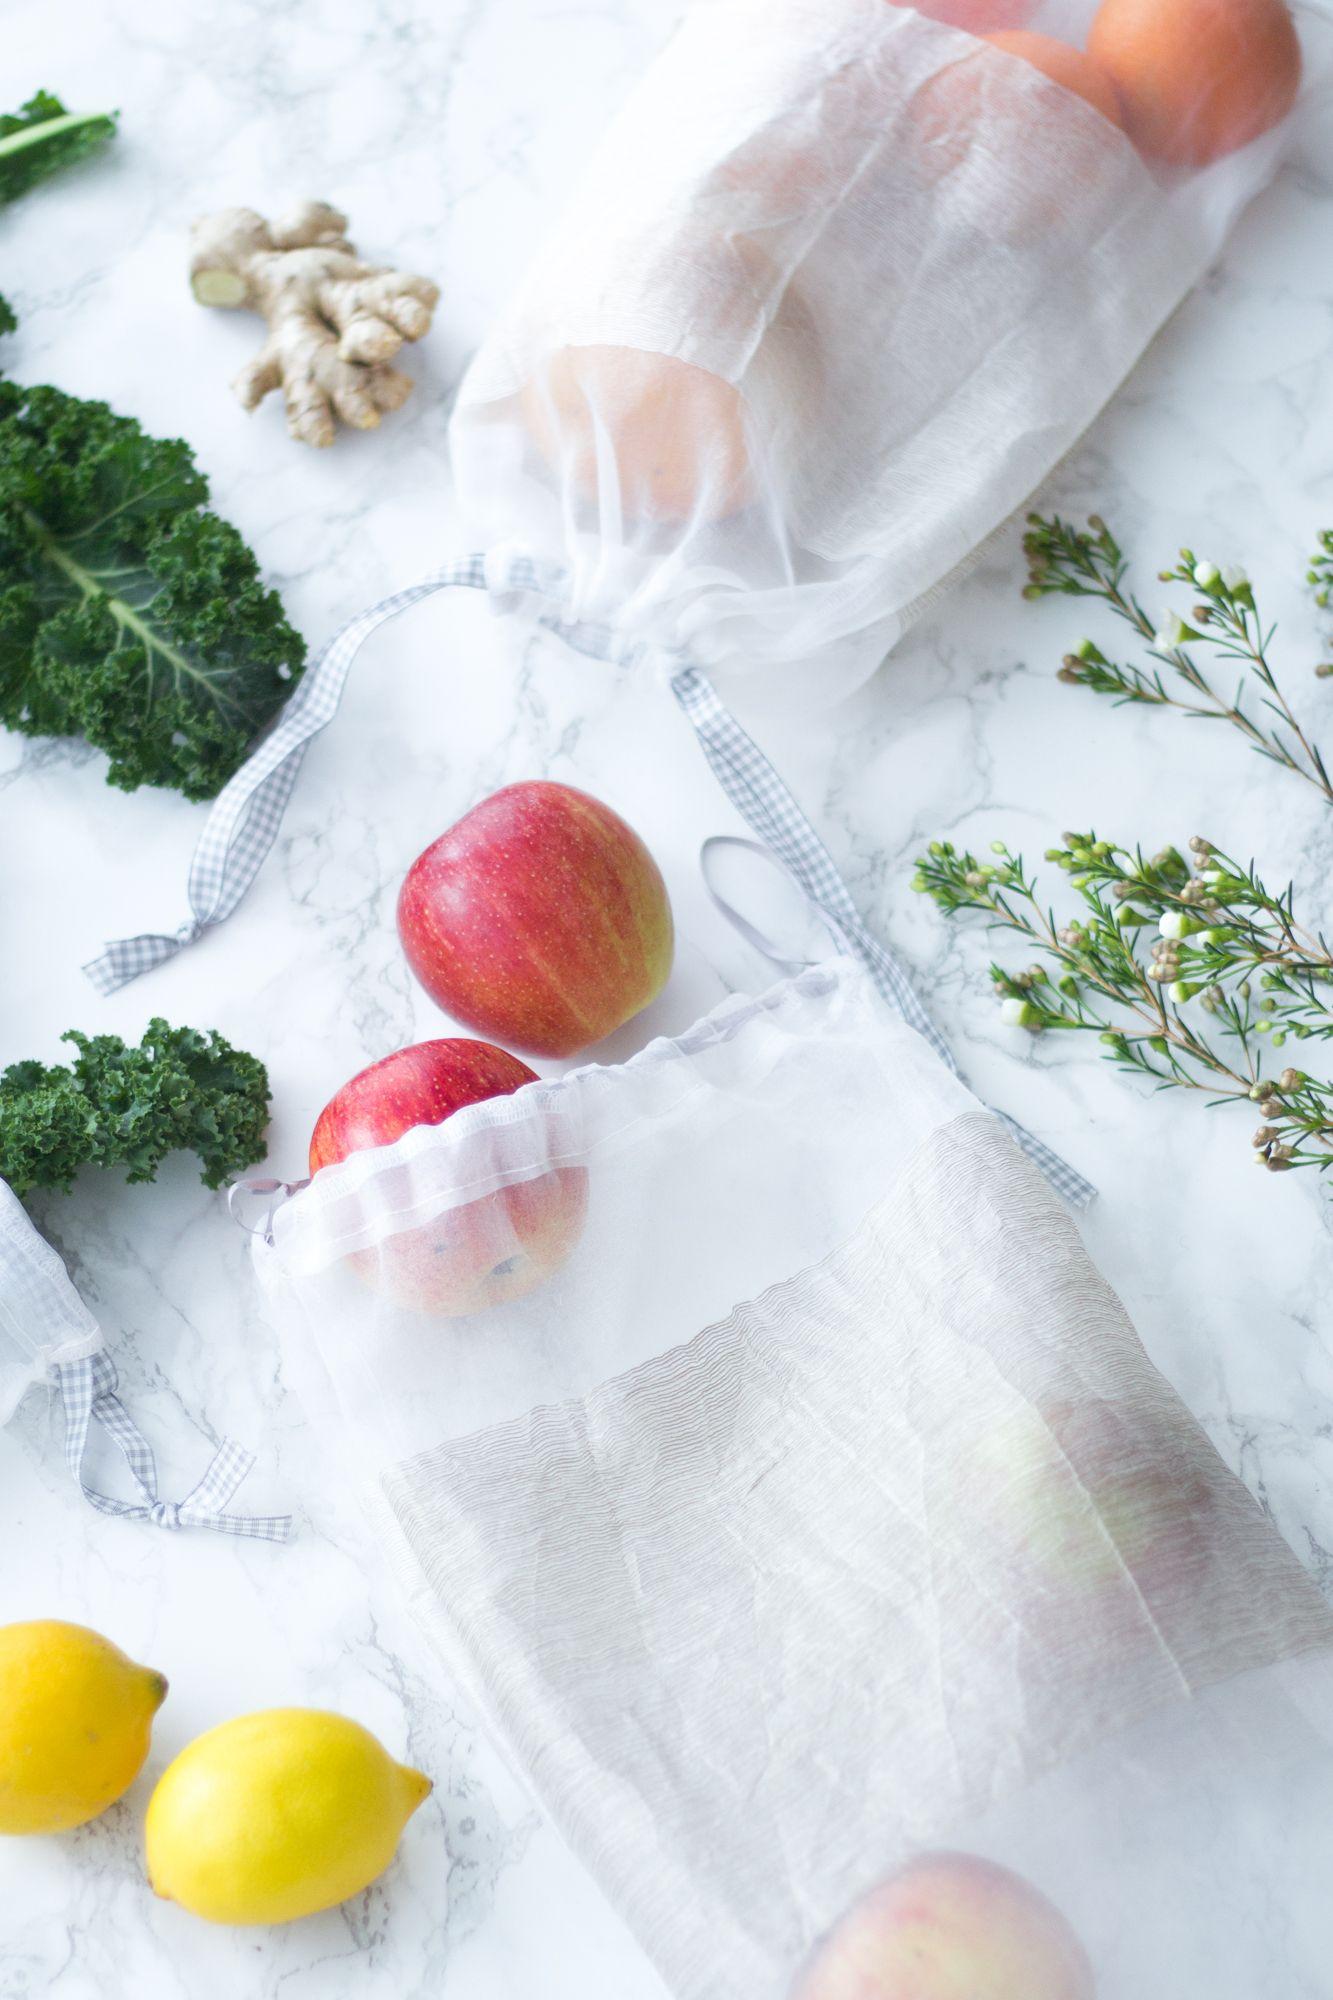 Photo of Nähtaschen für Obst und Gemüse – Upcycling aus alten Vorhängen